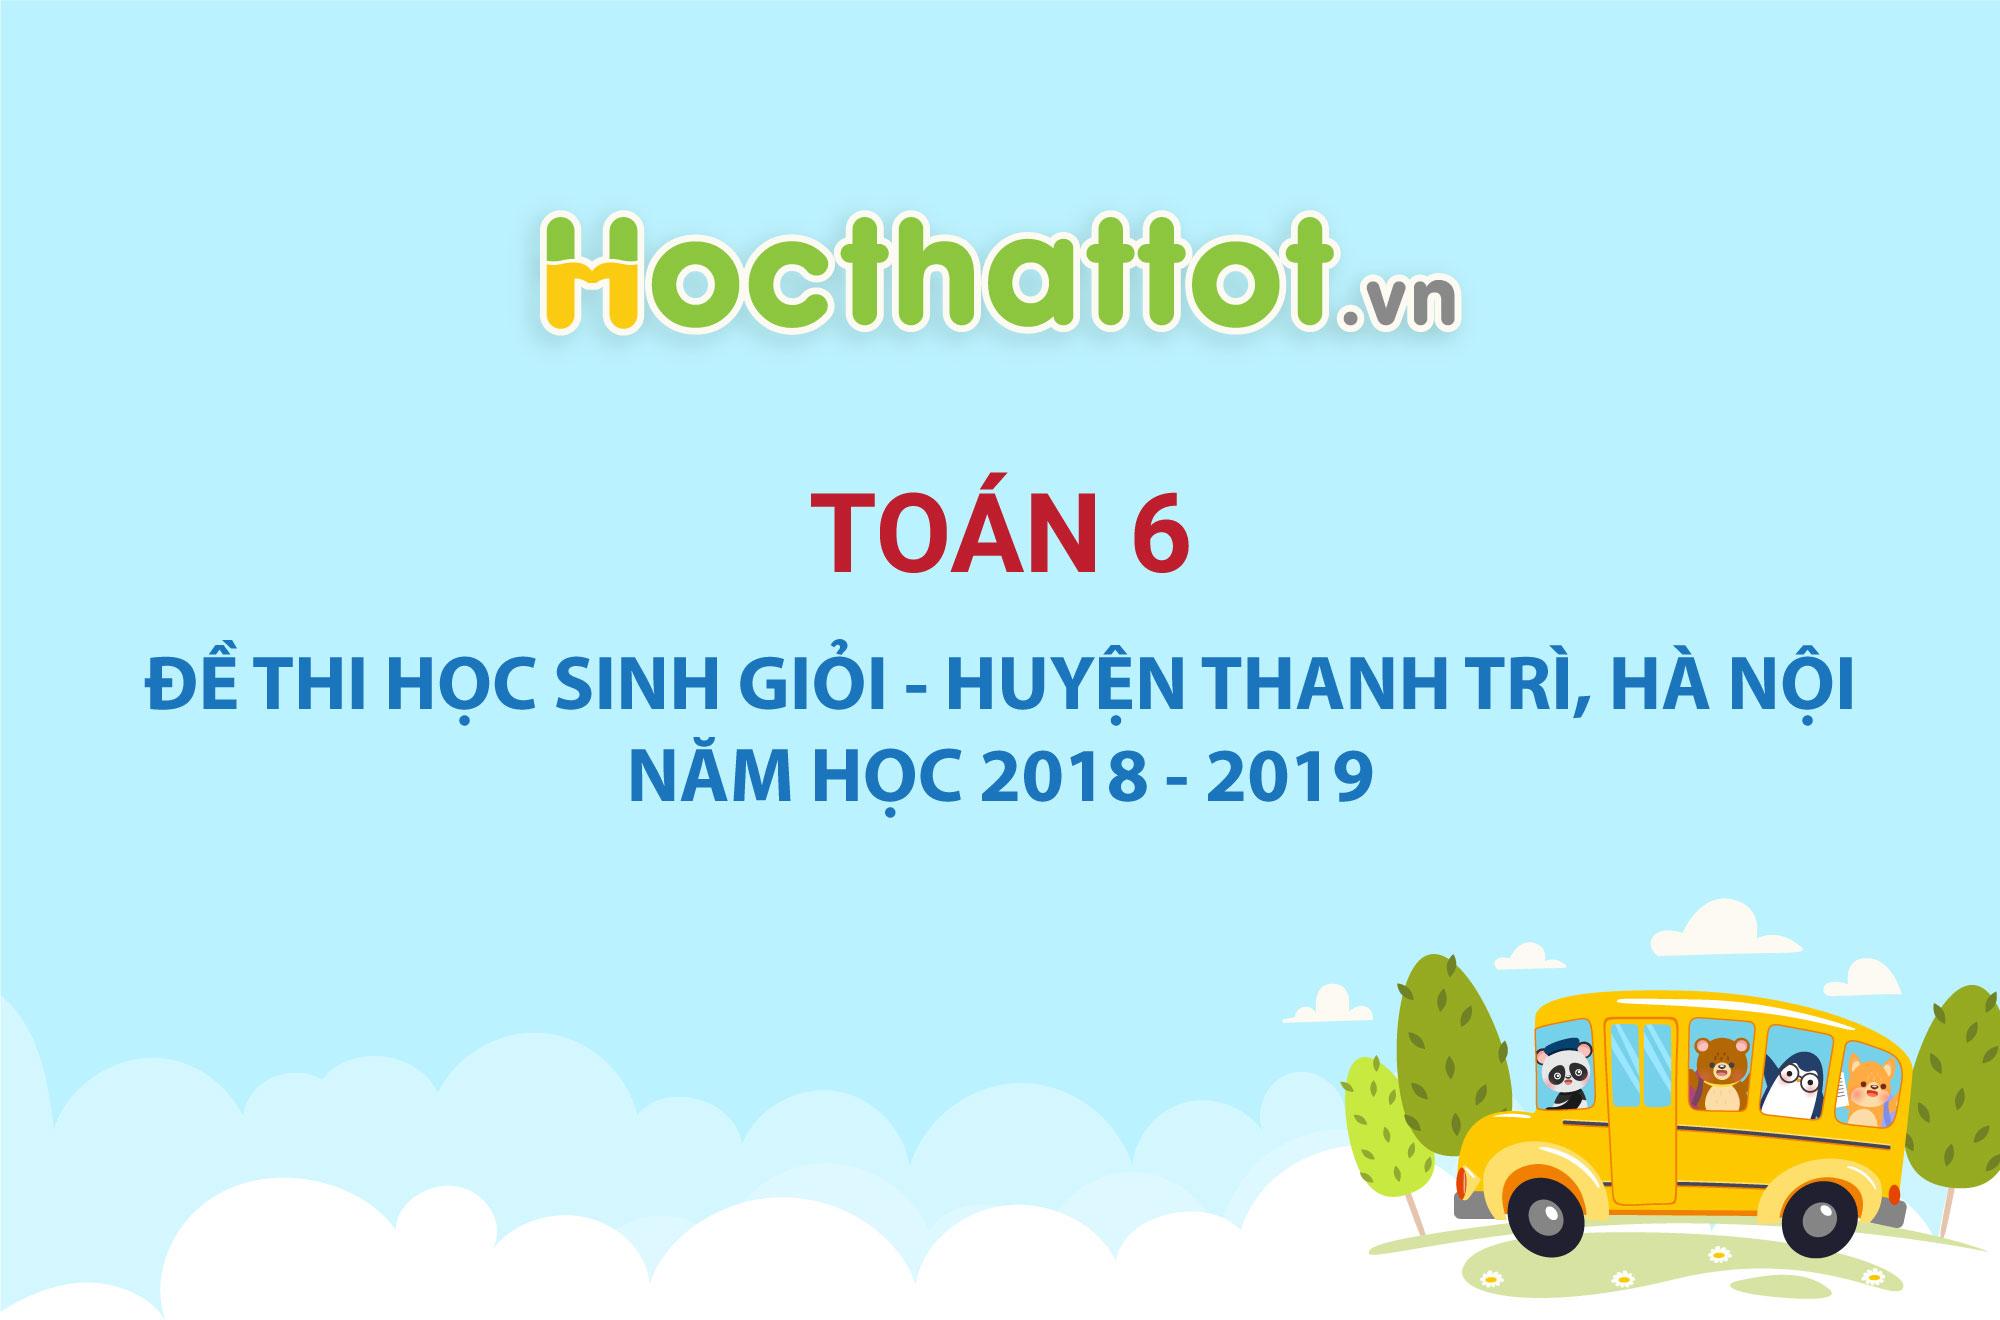 hsg-6-thanh-tri-2019